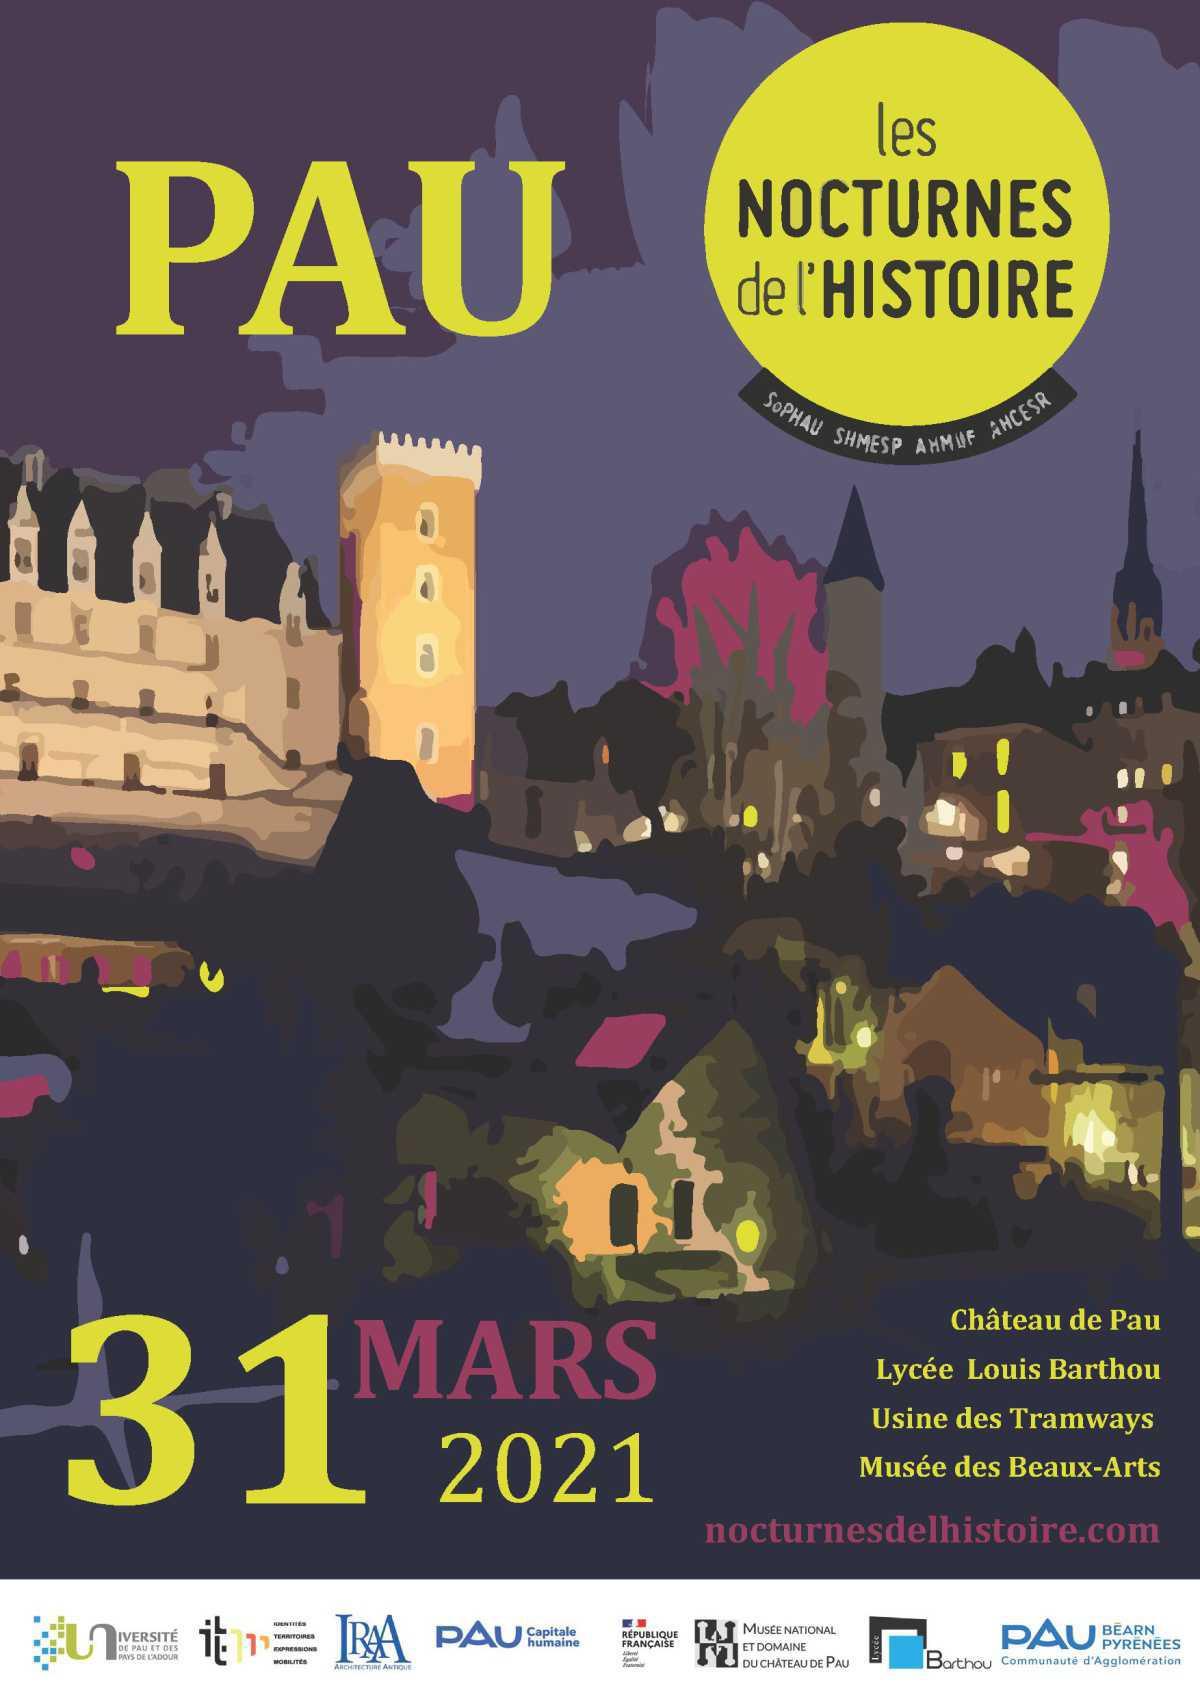 Le Lycée Louis Barthou participe aux Nocturnes de l'Histoire, le mercredi 31 mars 2021